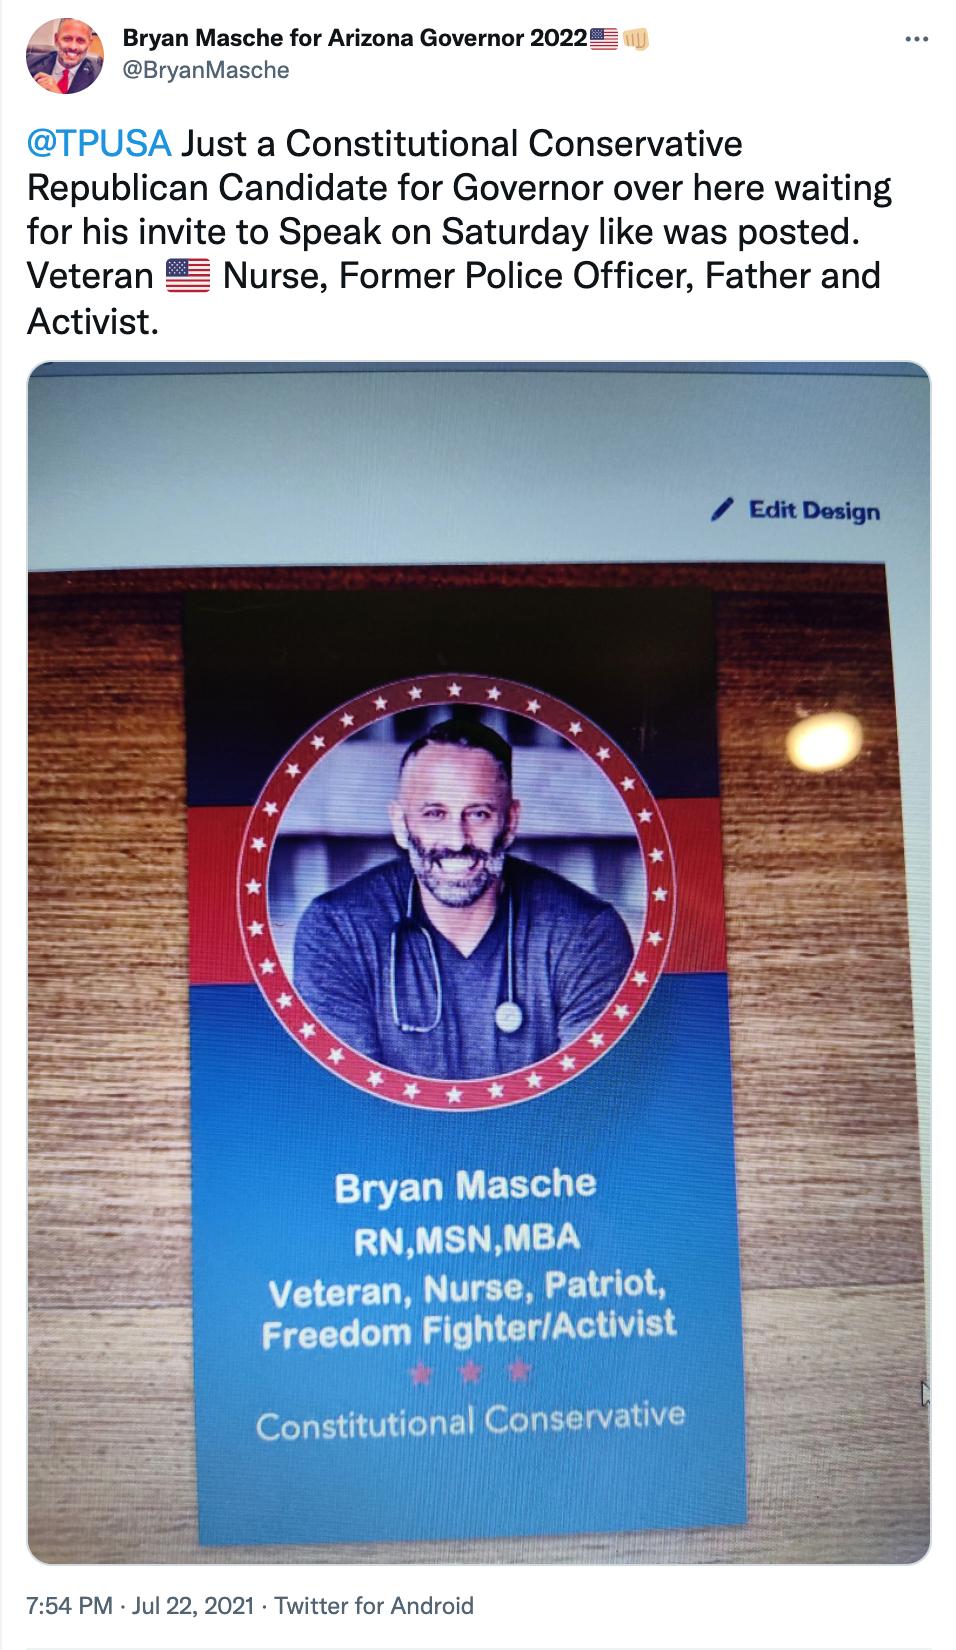 Bryan Masche 2022 campaign